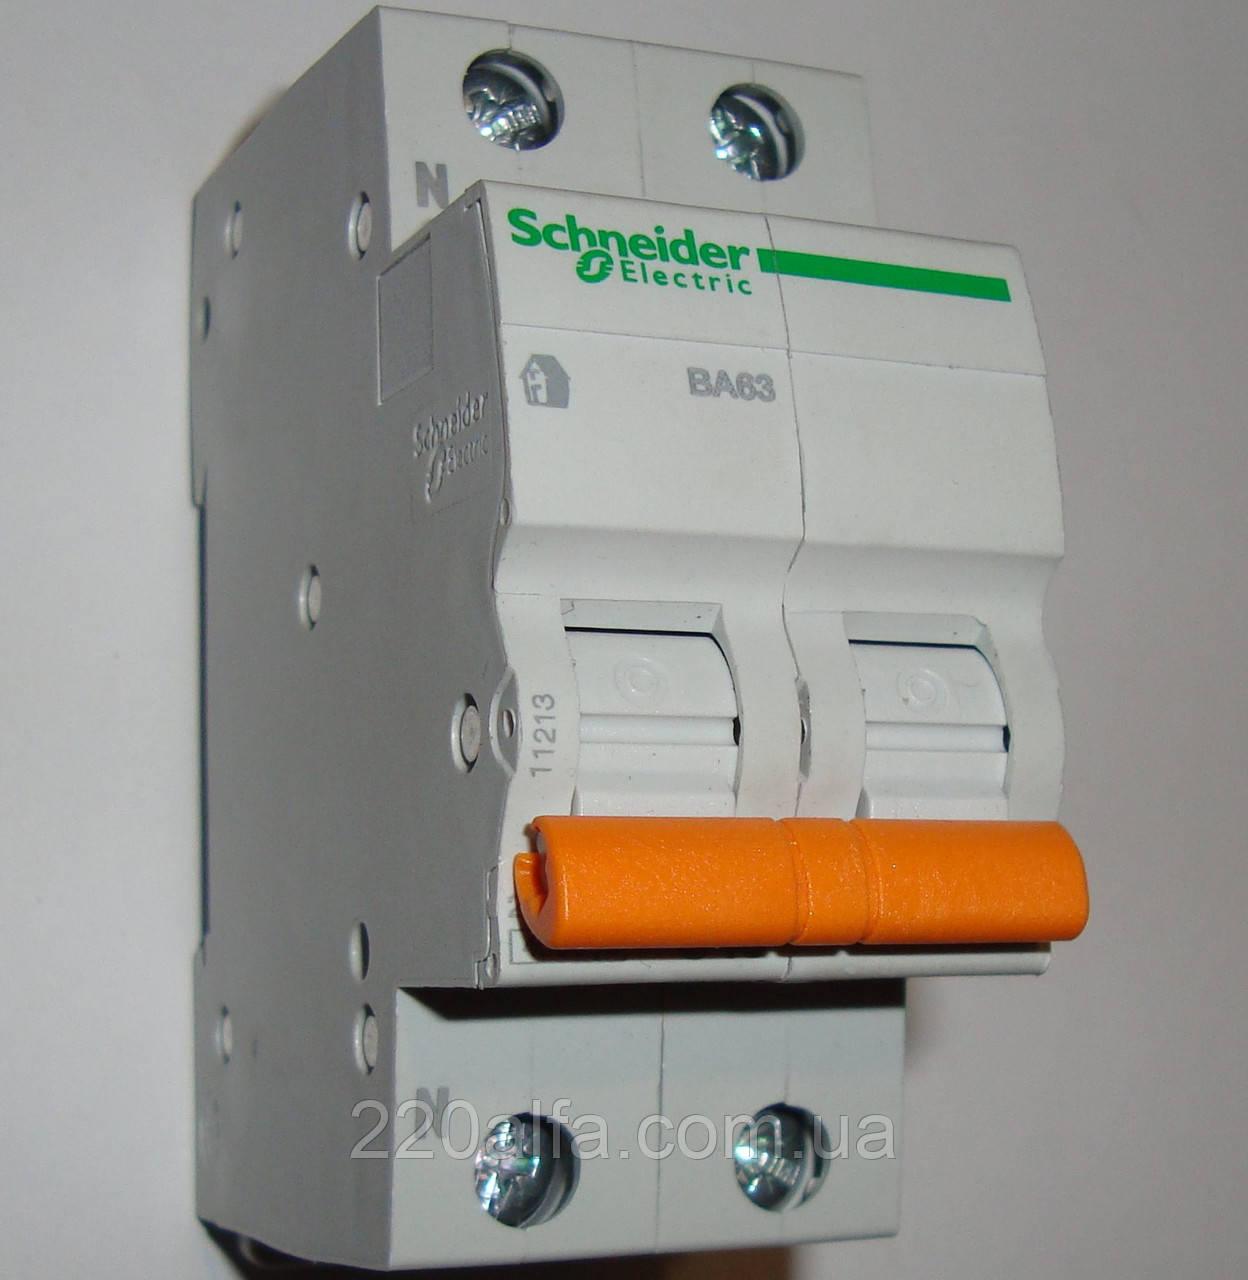 Автоматический выключатель Schneider Electric ВА63 1П+Н 25A C